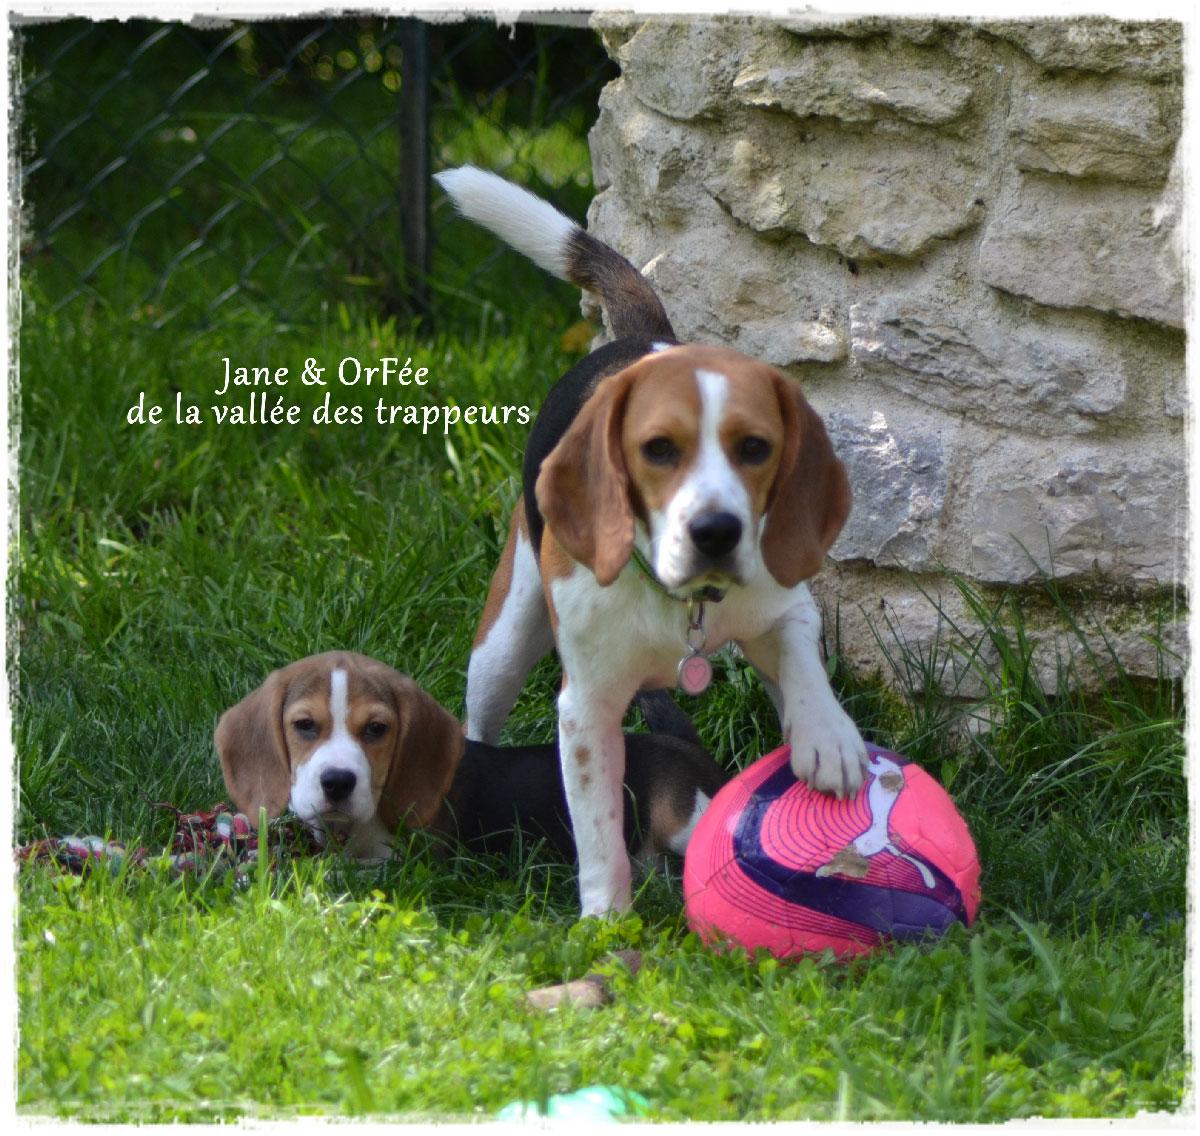 Adopter un chiot beagle elevage de la vall e des trappeurs - Chiot beagle gratuit ...